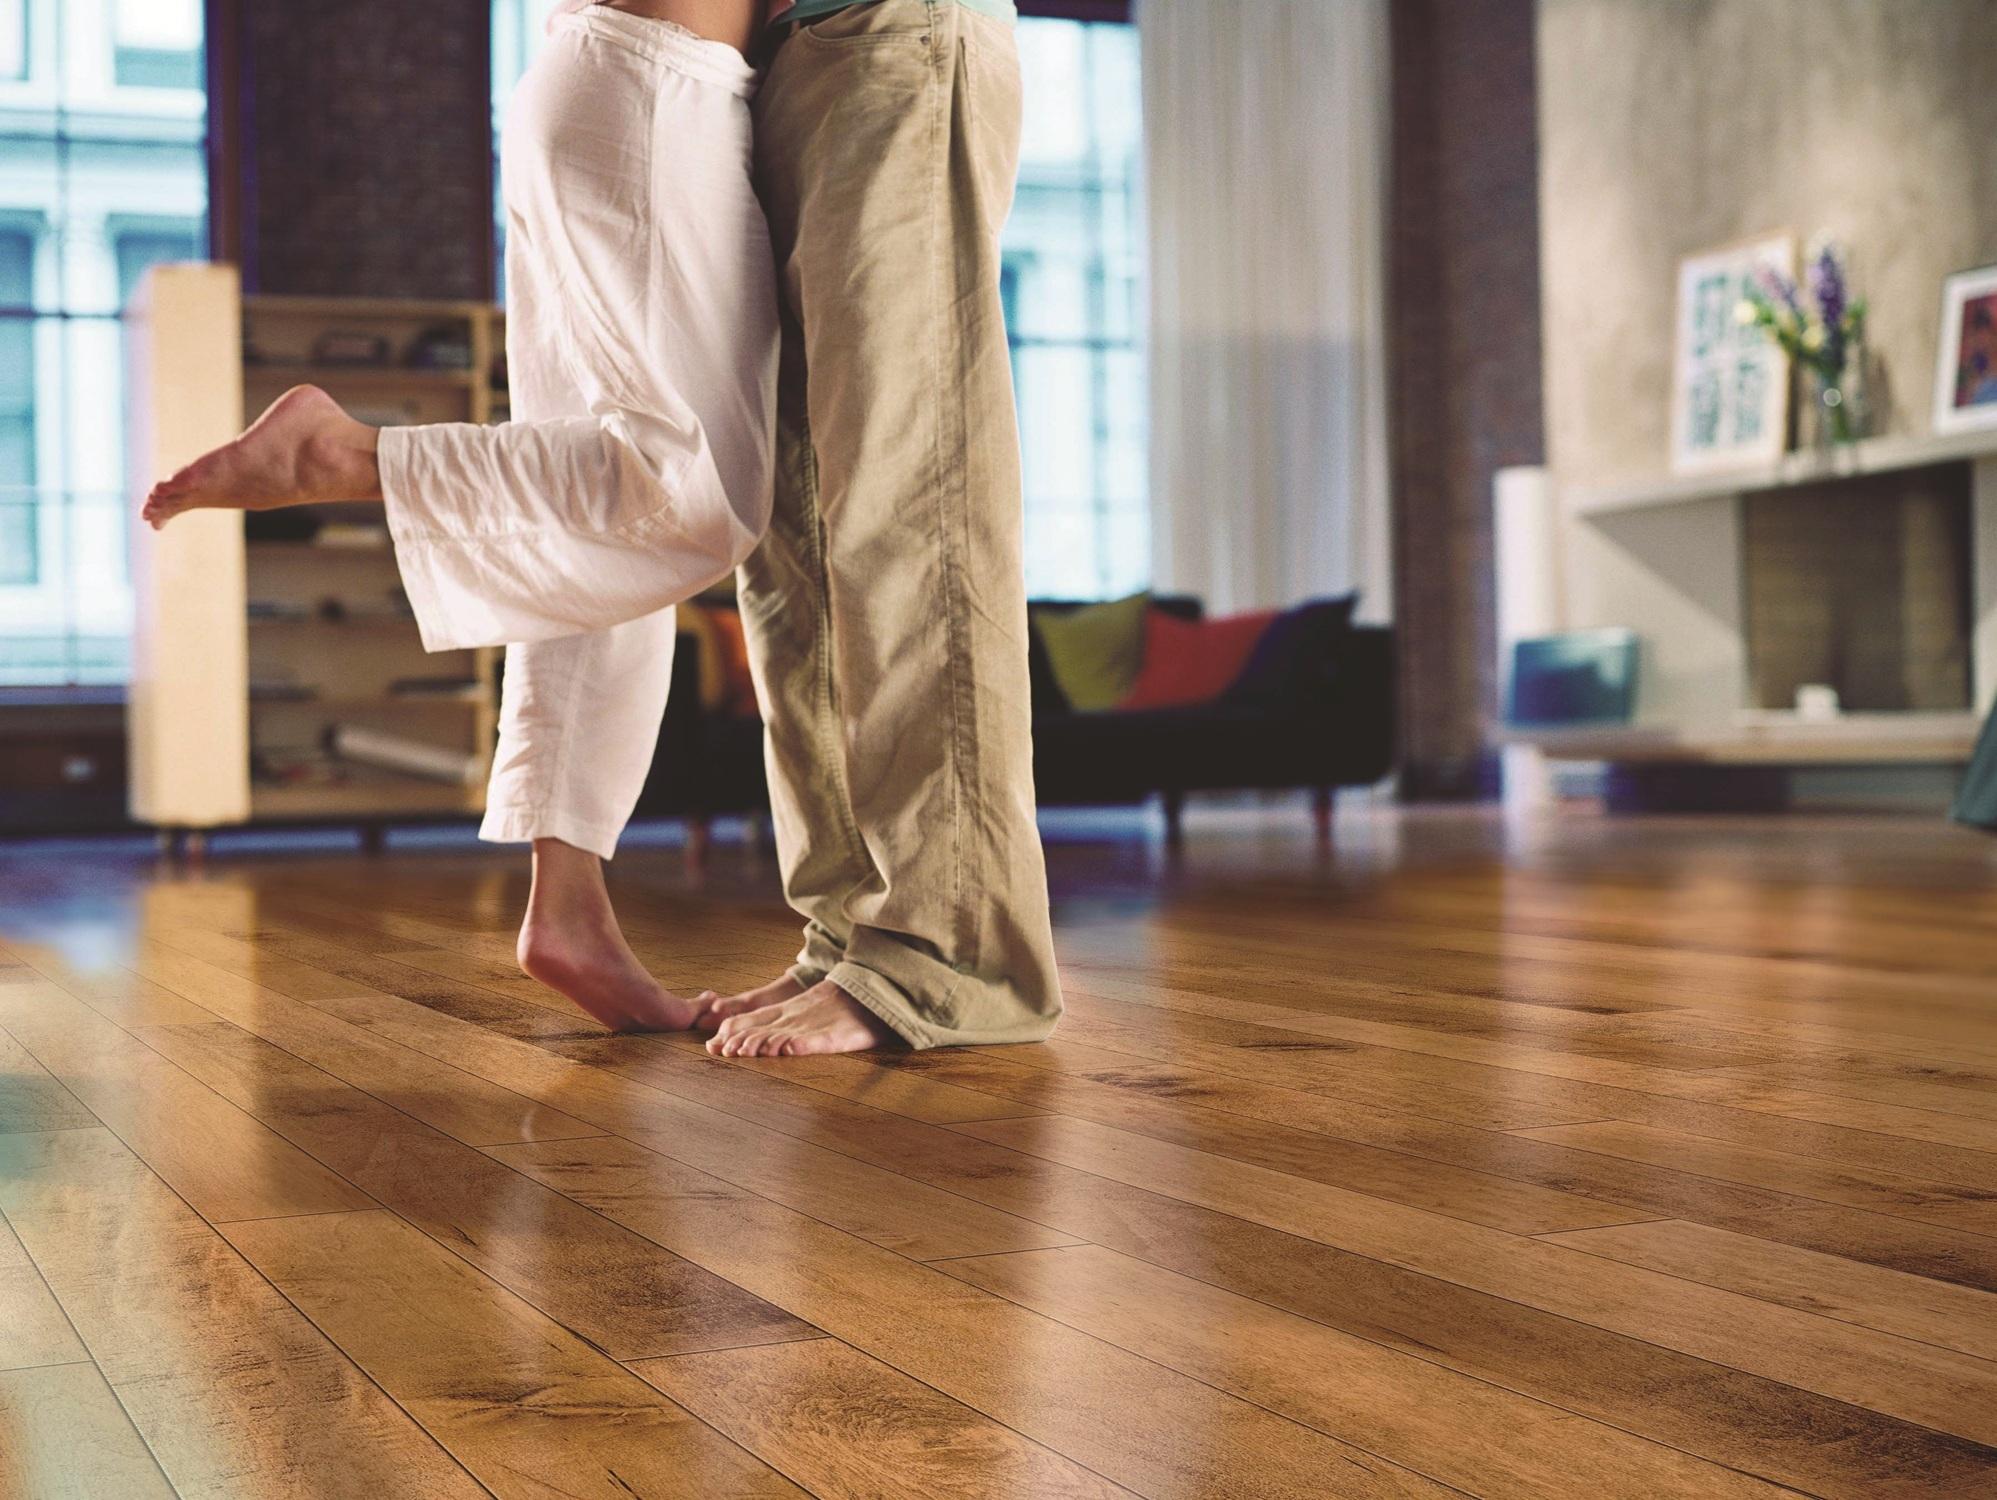 Pro aqua verkkokauppa kaikki tarvittava pro aquaasi for Unusual floor coverings